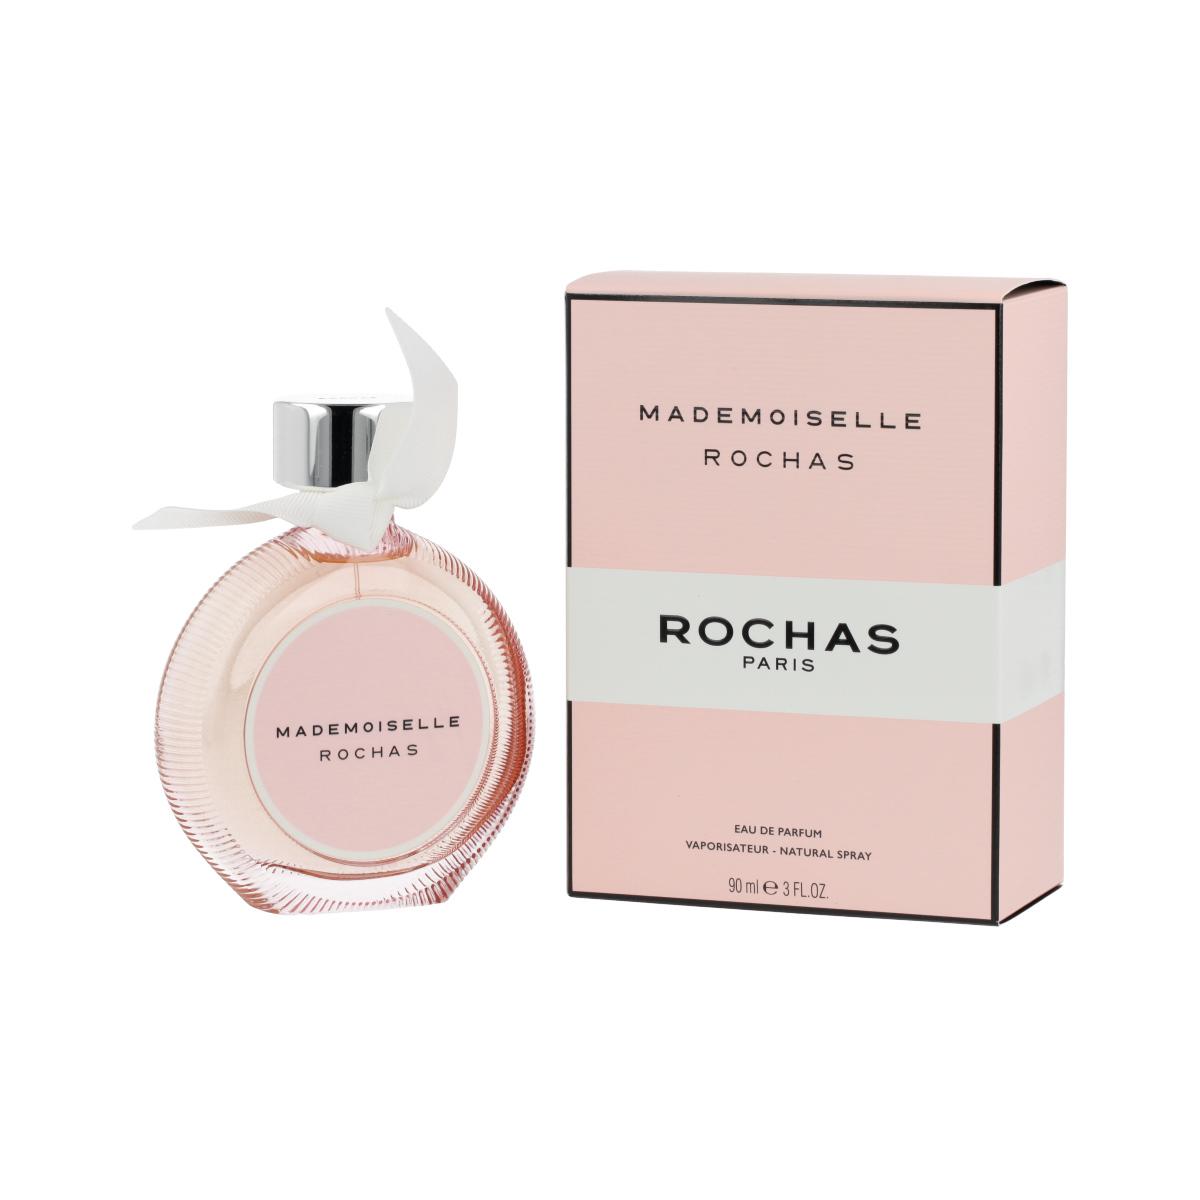 Rochas Mademoiselle Rochas Eau De Parfum 90 ml (woman) 11651